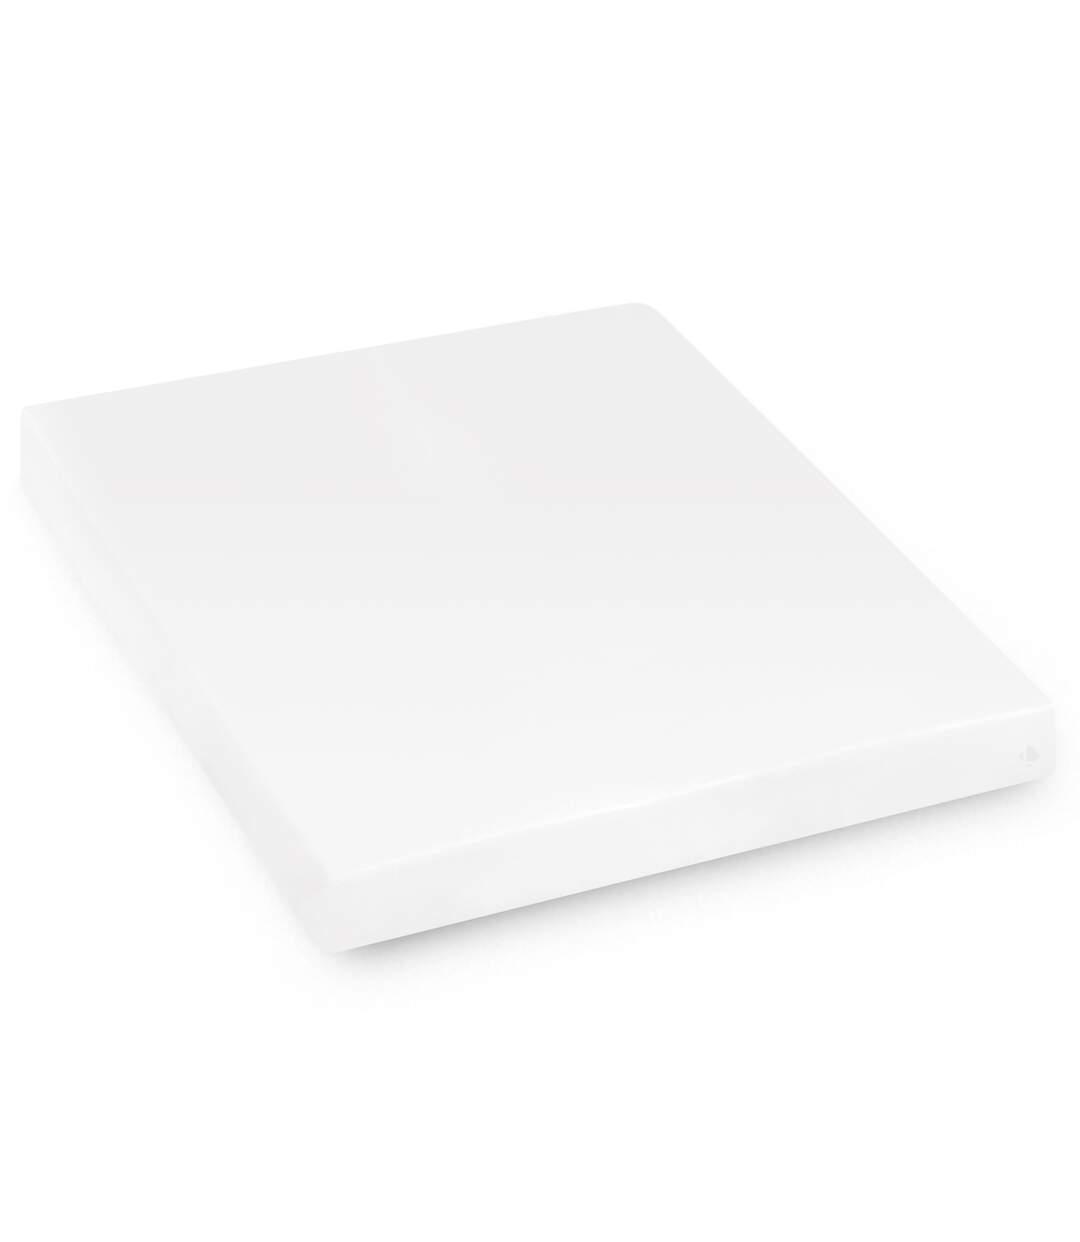 Protège matelas imperméable 210x210 cm bonnet 40cm ARNON molleton 100% coton contrecollé polyuréthane